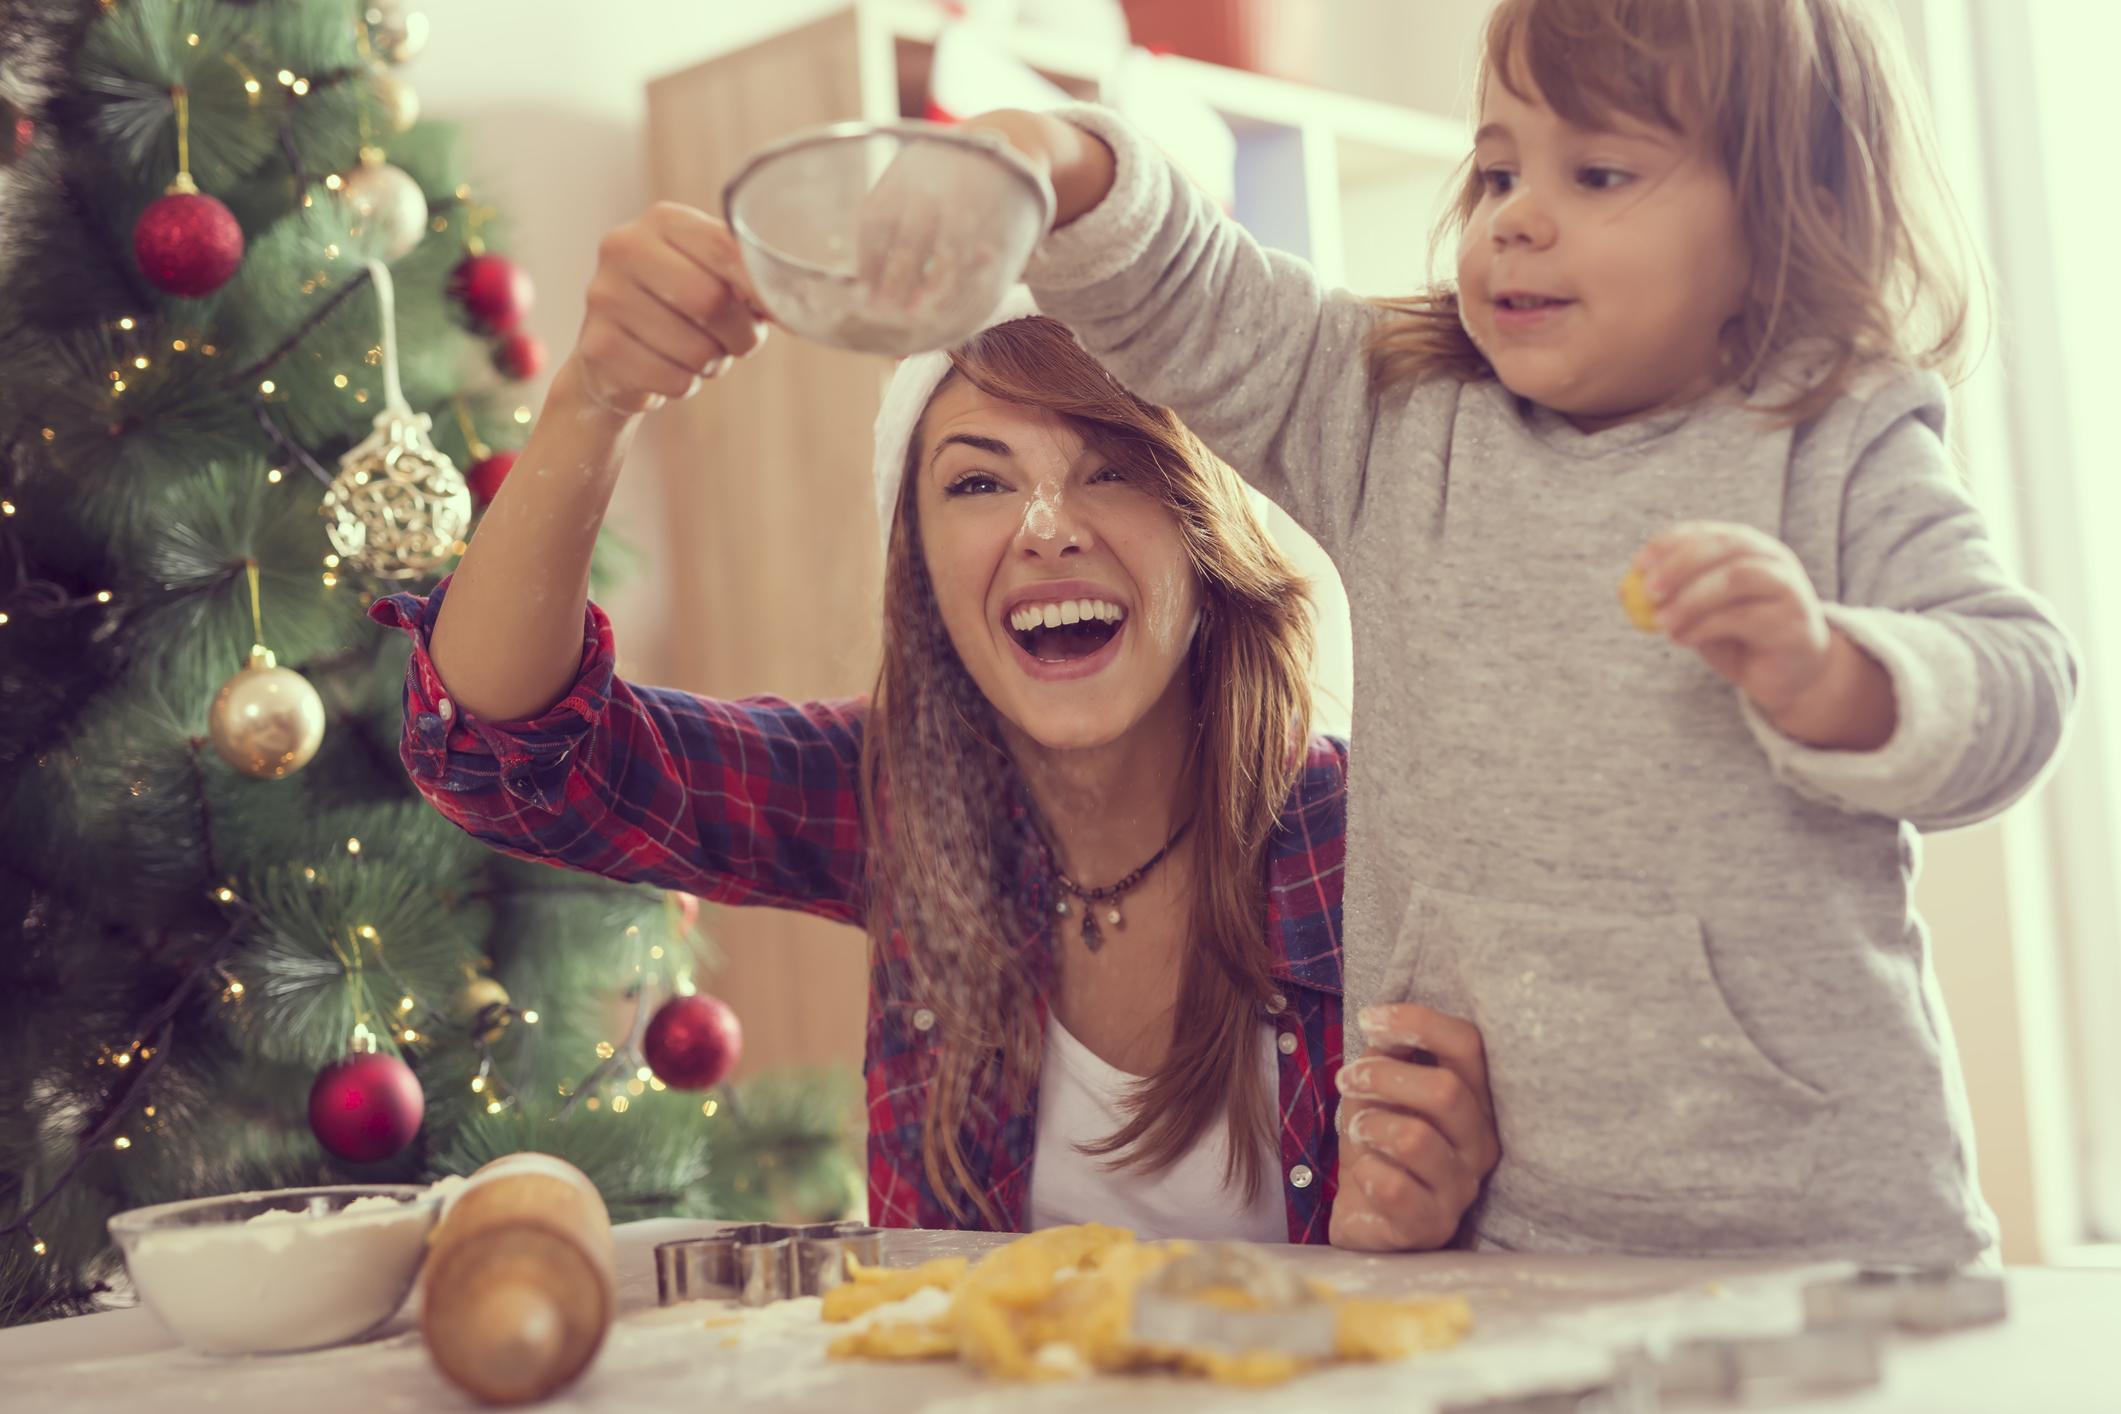 4. Ако не искате върху вашите плещи да падне цялото приготвяне на новогодишното меню, винаги може да се възползвате от новогодишни предложения за част от него – особено ако не сте сигурни в кулинарните си умения (защото все пак – не става само със забавление, трябва и ядене).